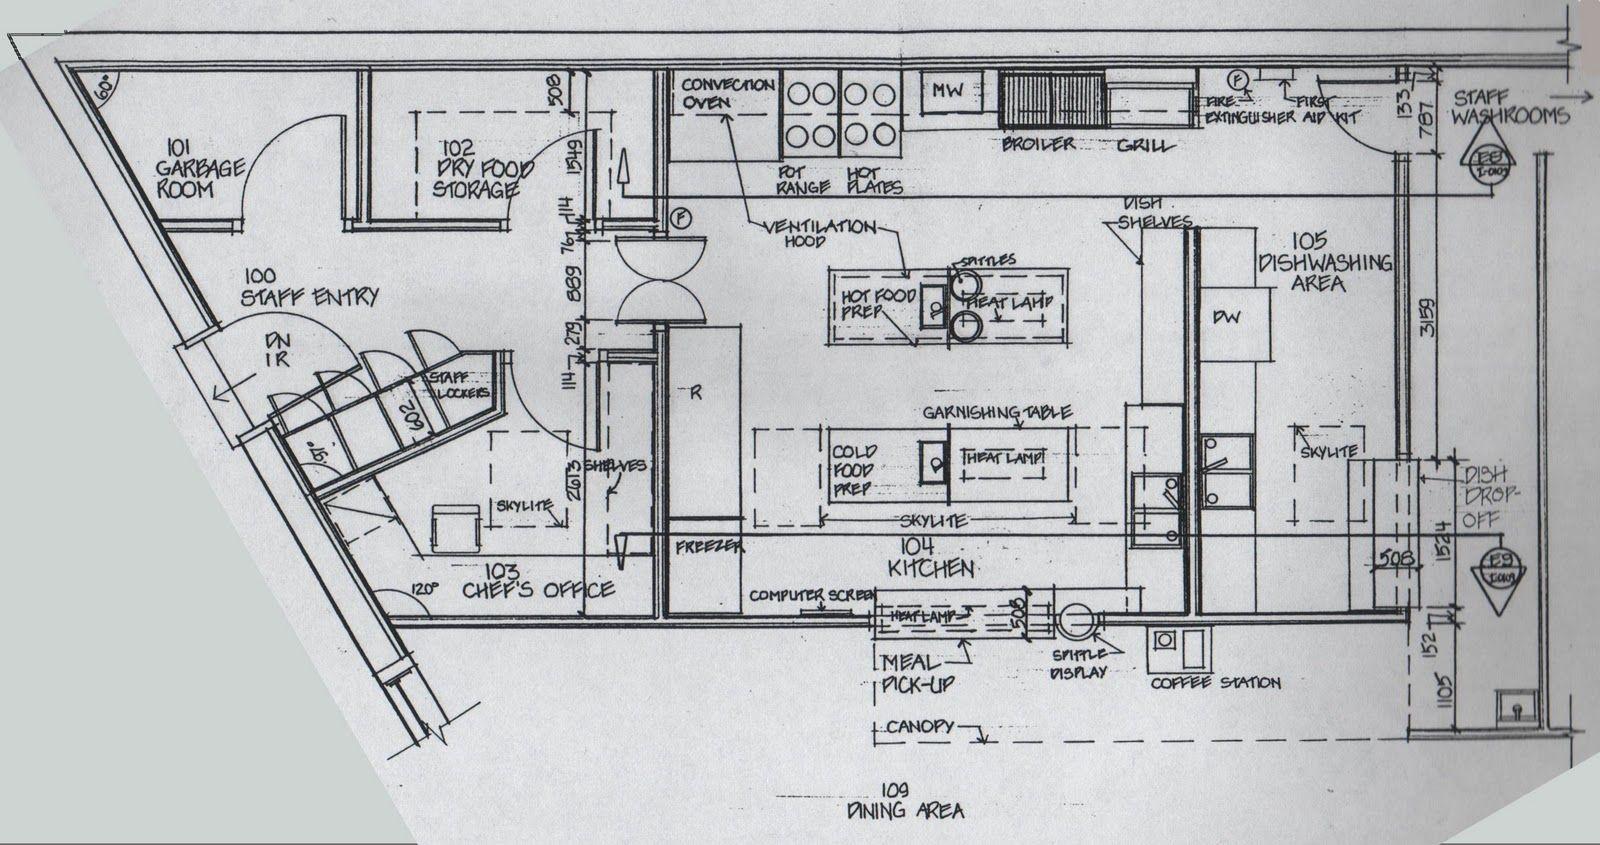 Restaurant Kitchen Blueprint In 2020 Restaurant Kitchen Design Open Kitchen Layout Design Kitchen Designs Layout